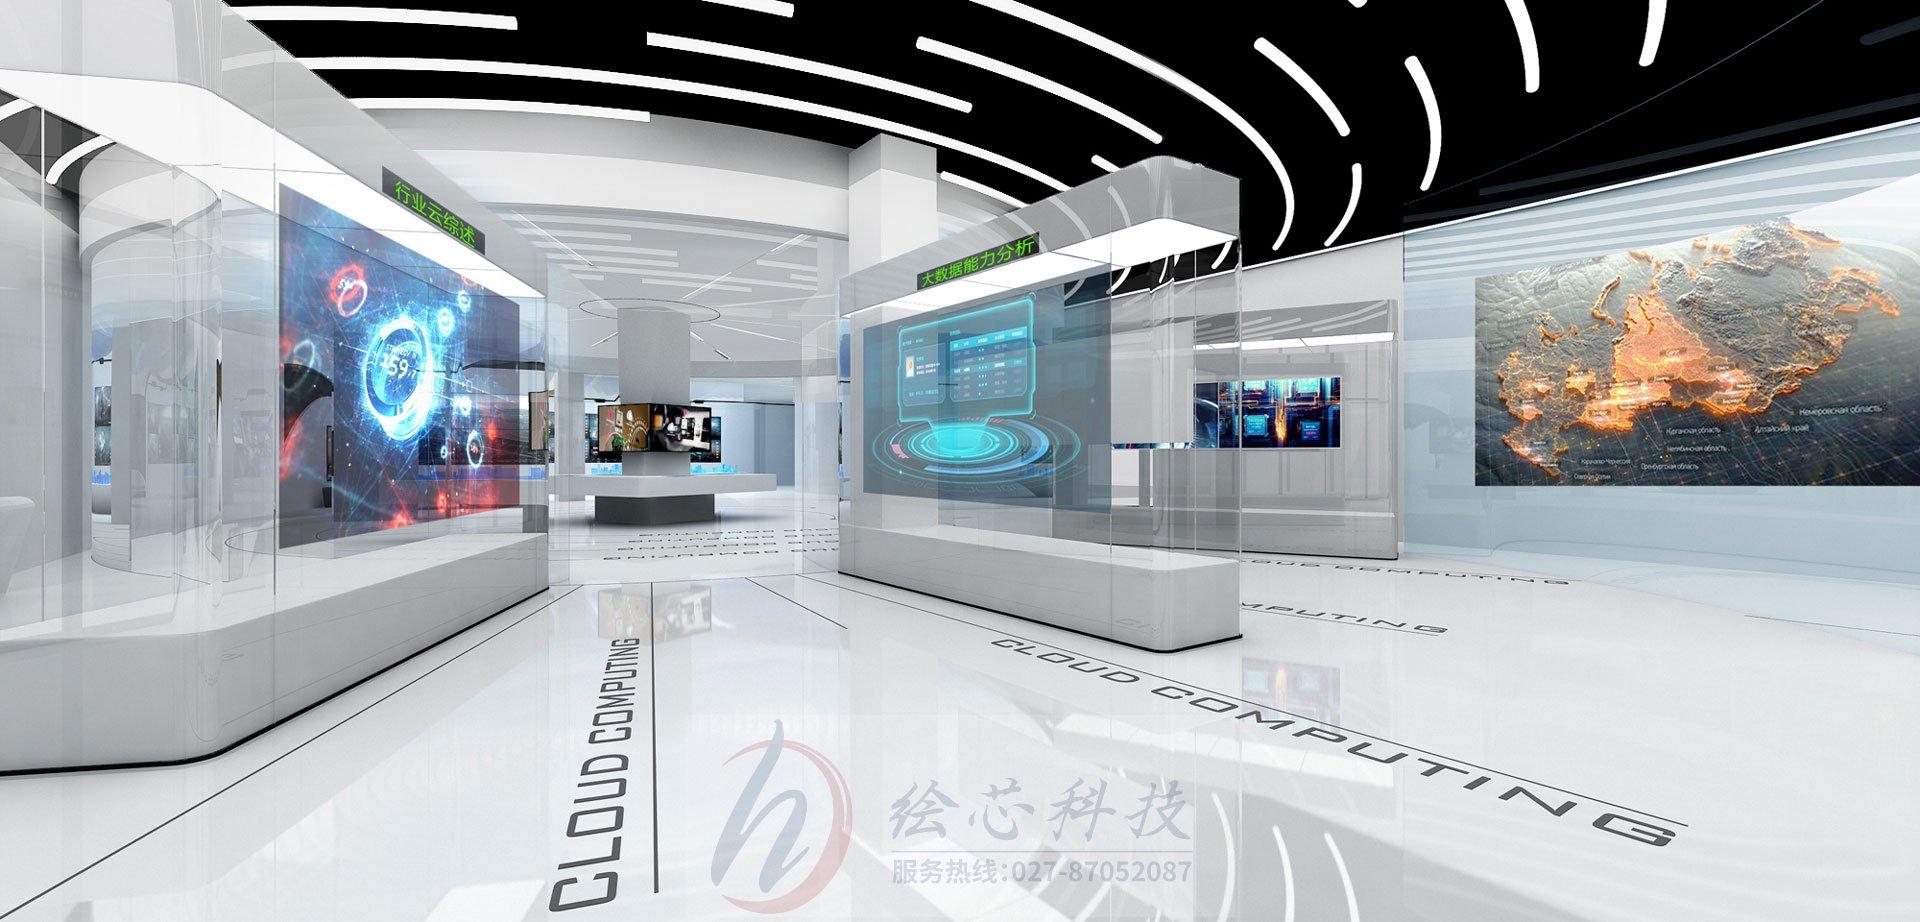 青岛虚拟现实招聘_微软虚拟增强现实_虚拟现实是现实吗